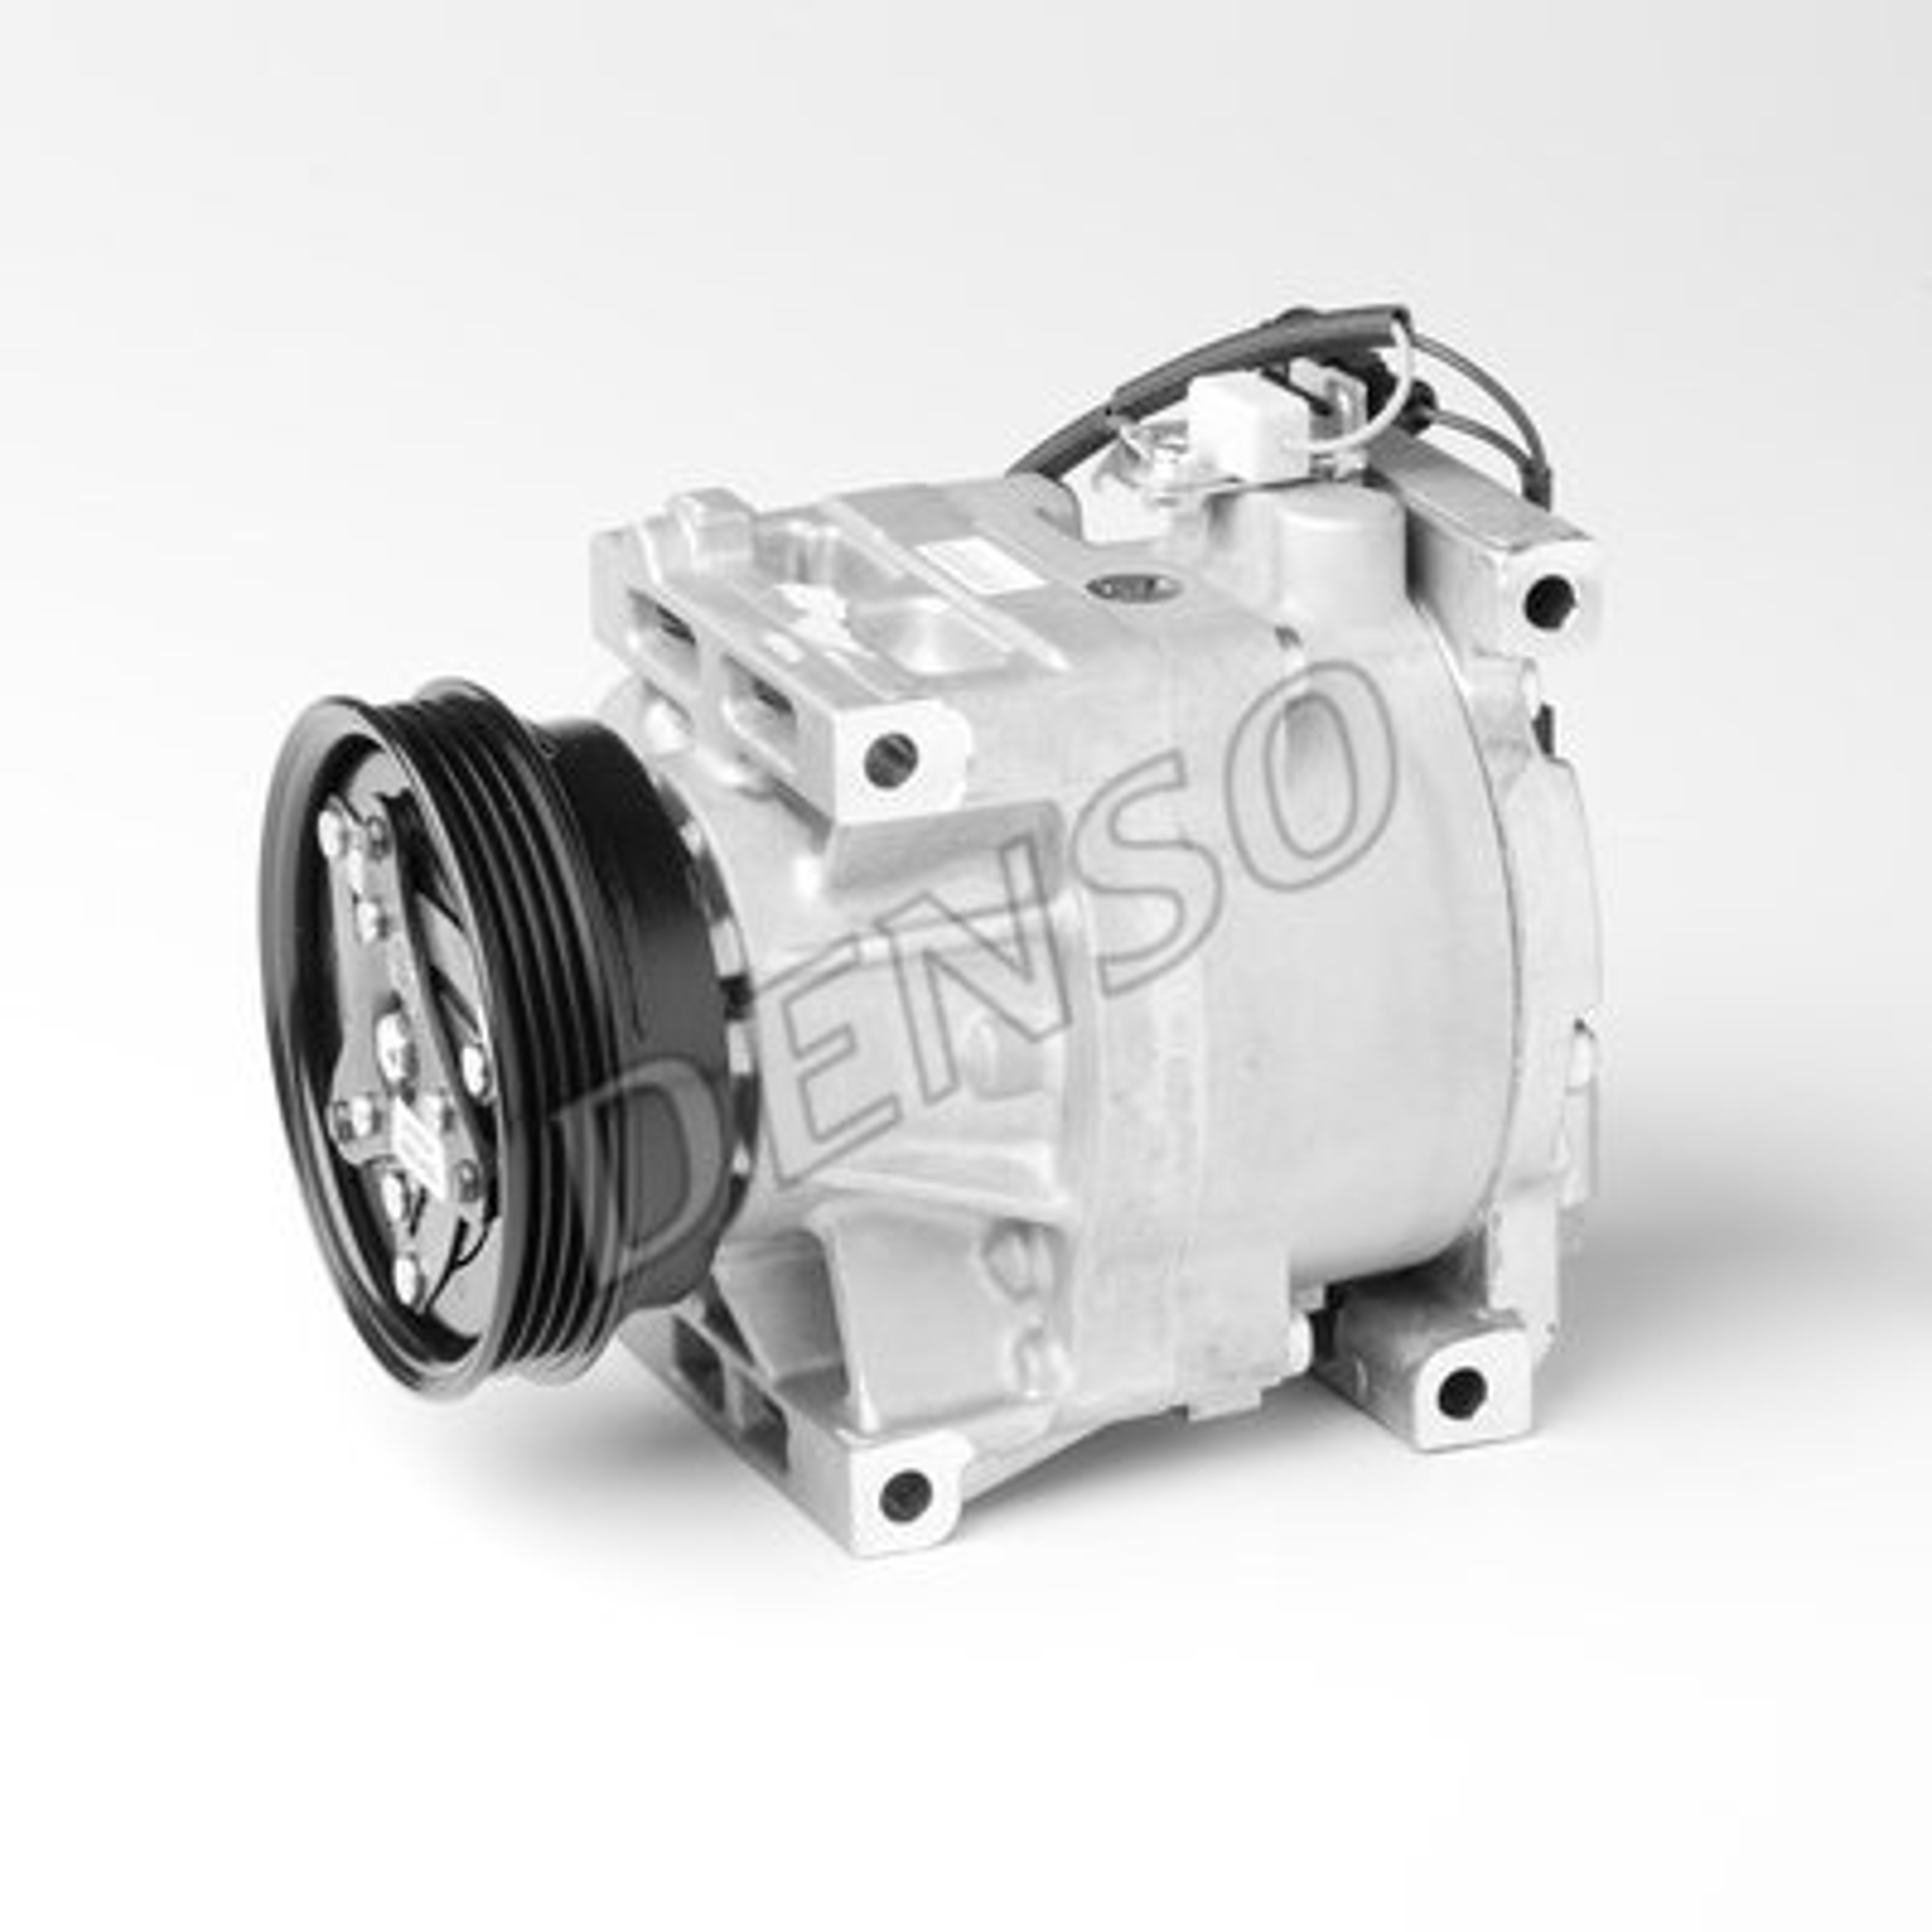 Kompressor, Klimaanlage 12 V DENSO DCP12001